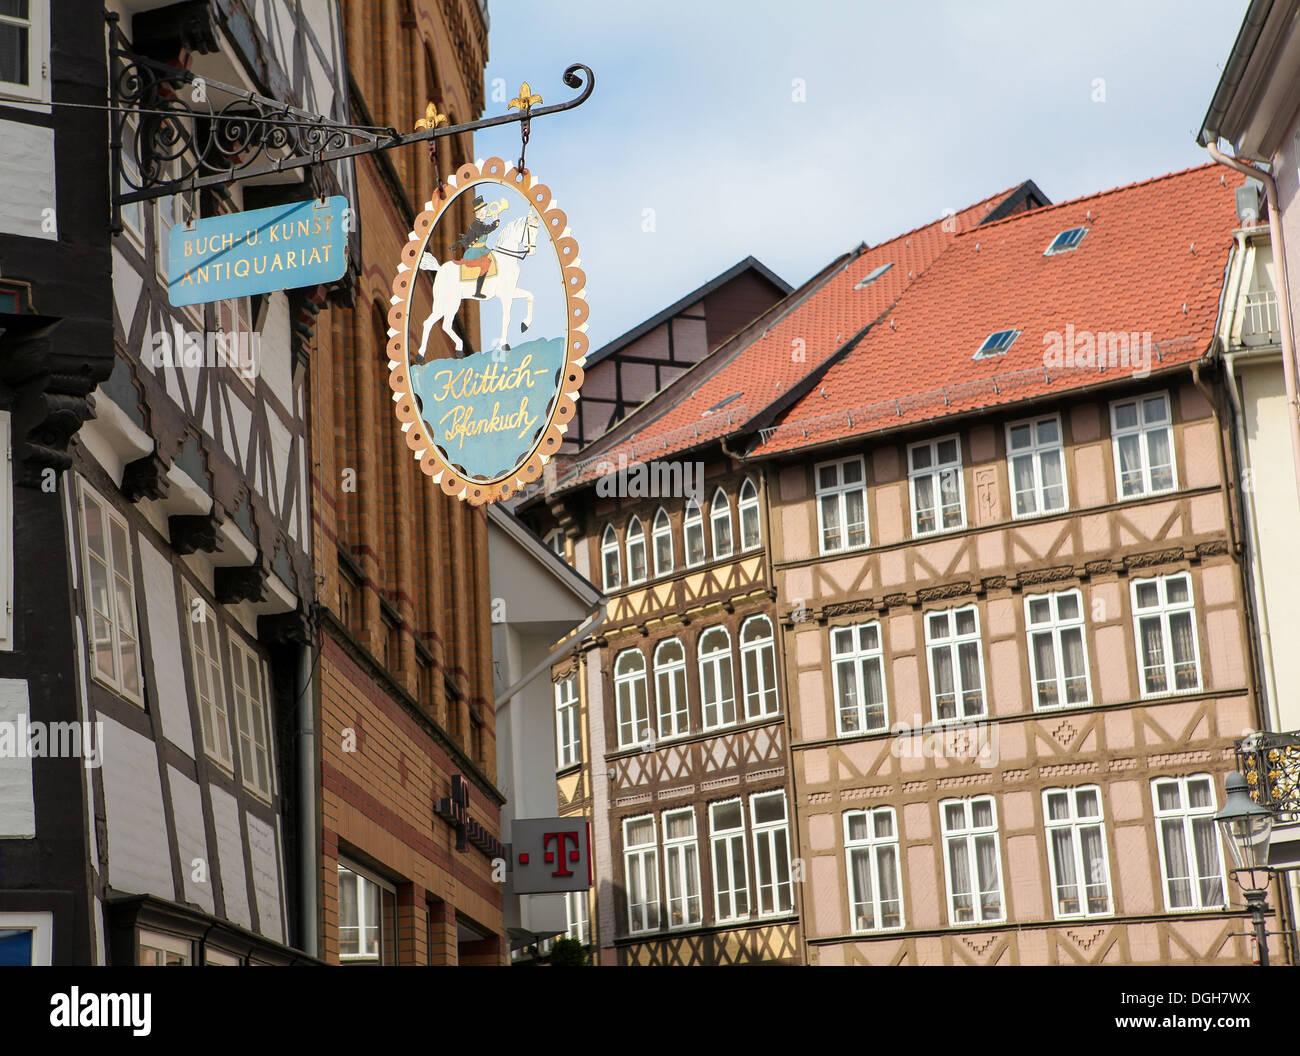 Alte Häuser und Plakat der ein Antiquariat in Braunschweig, Niedersachsen, Deutschland, am 4. Mai 2011. Stockbild